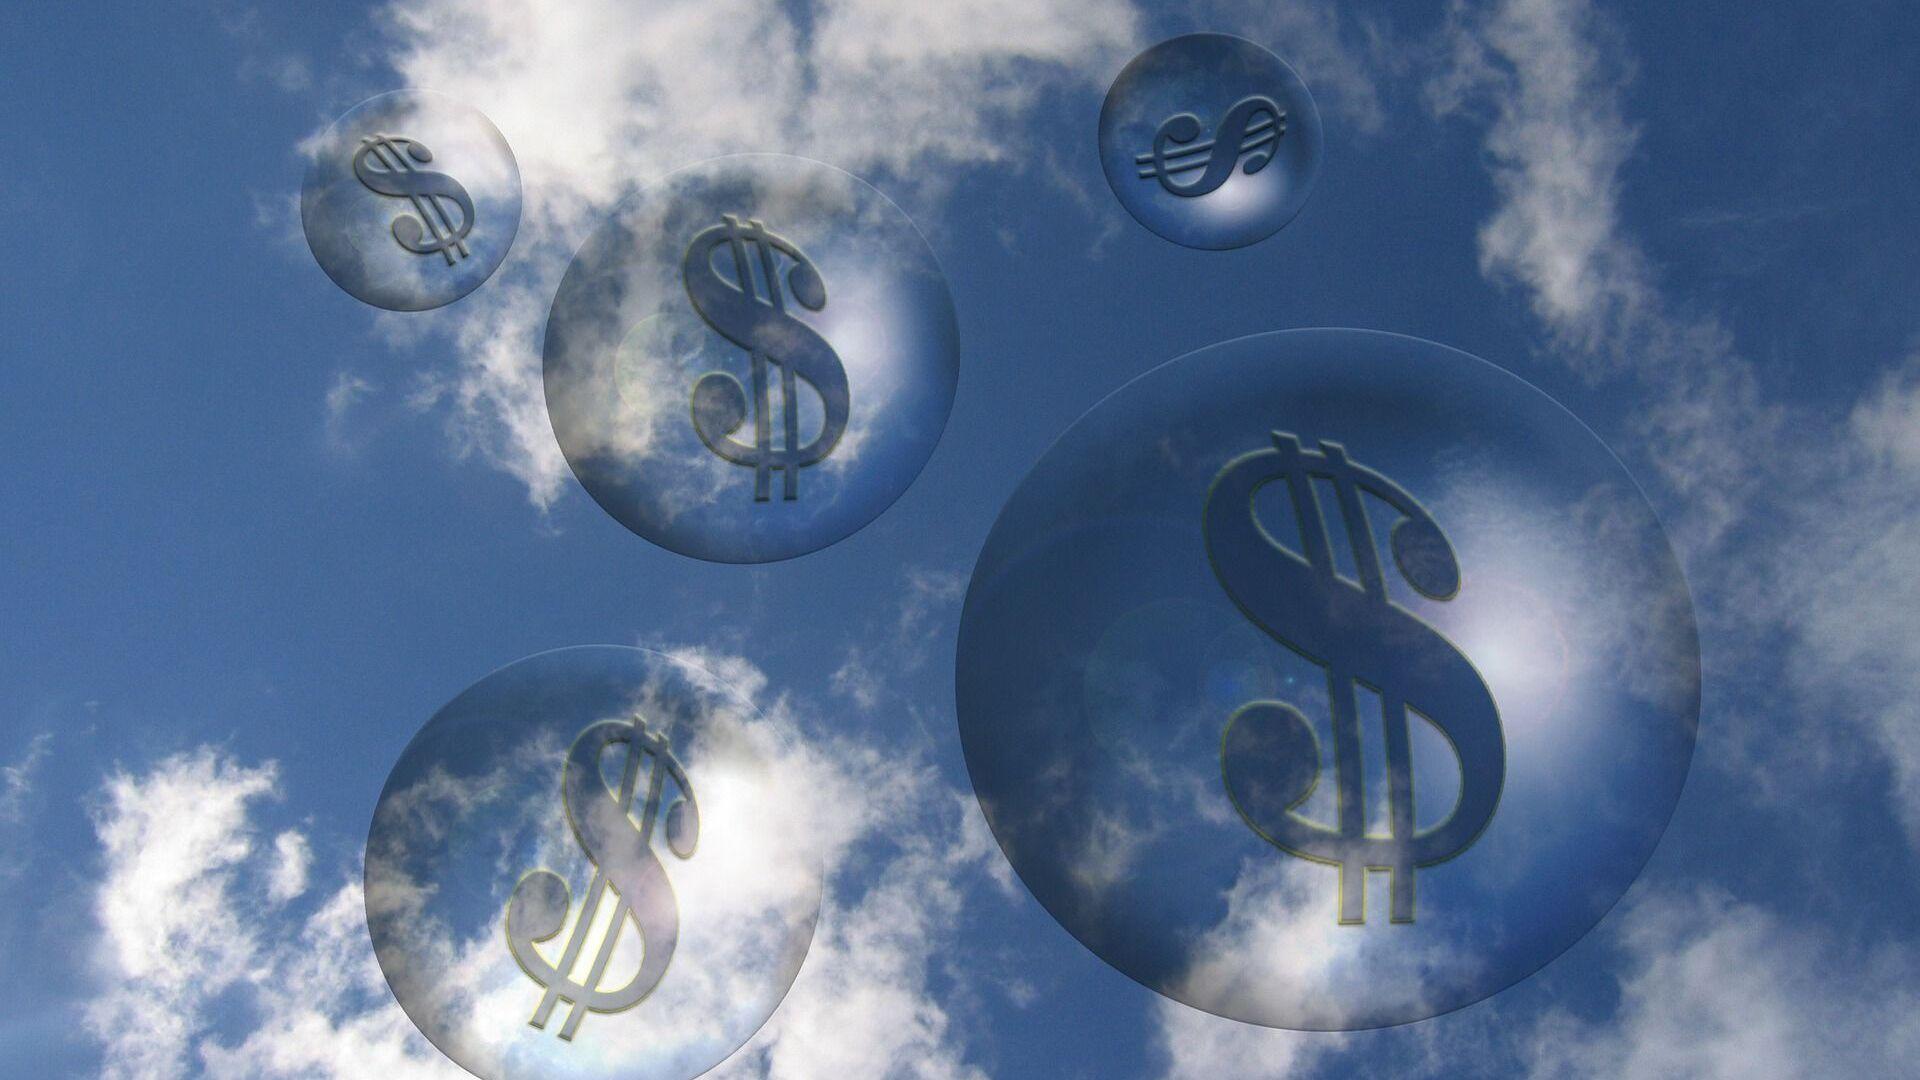 Burbujas con signos de dólar - Sputnik Mundo, 1920, 05.04.2021